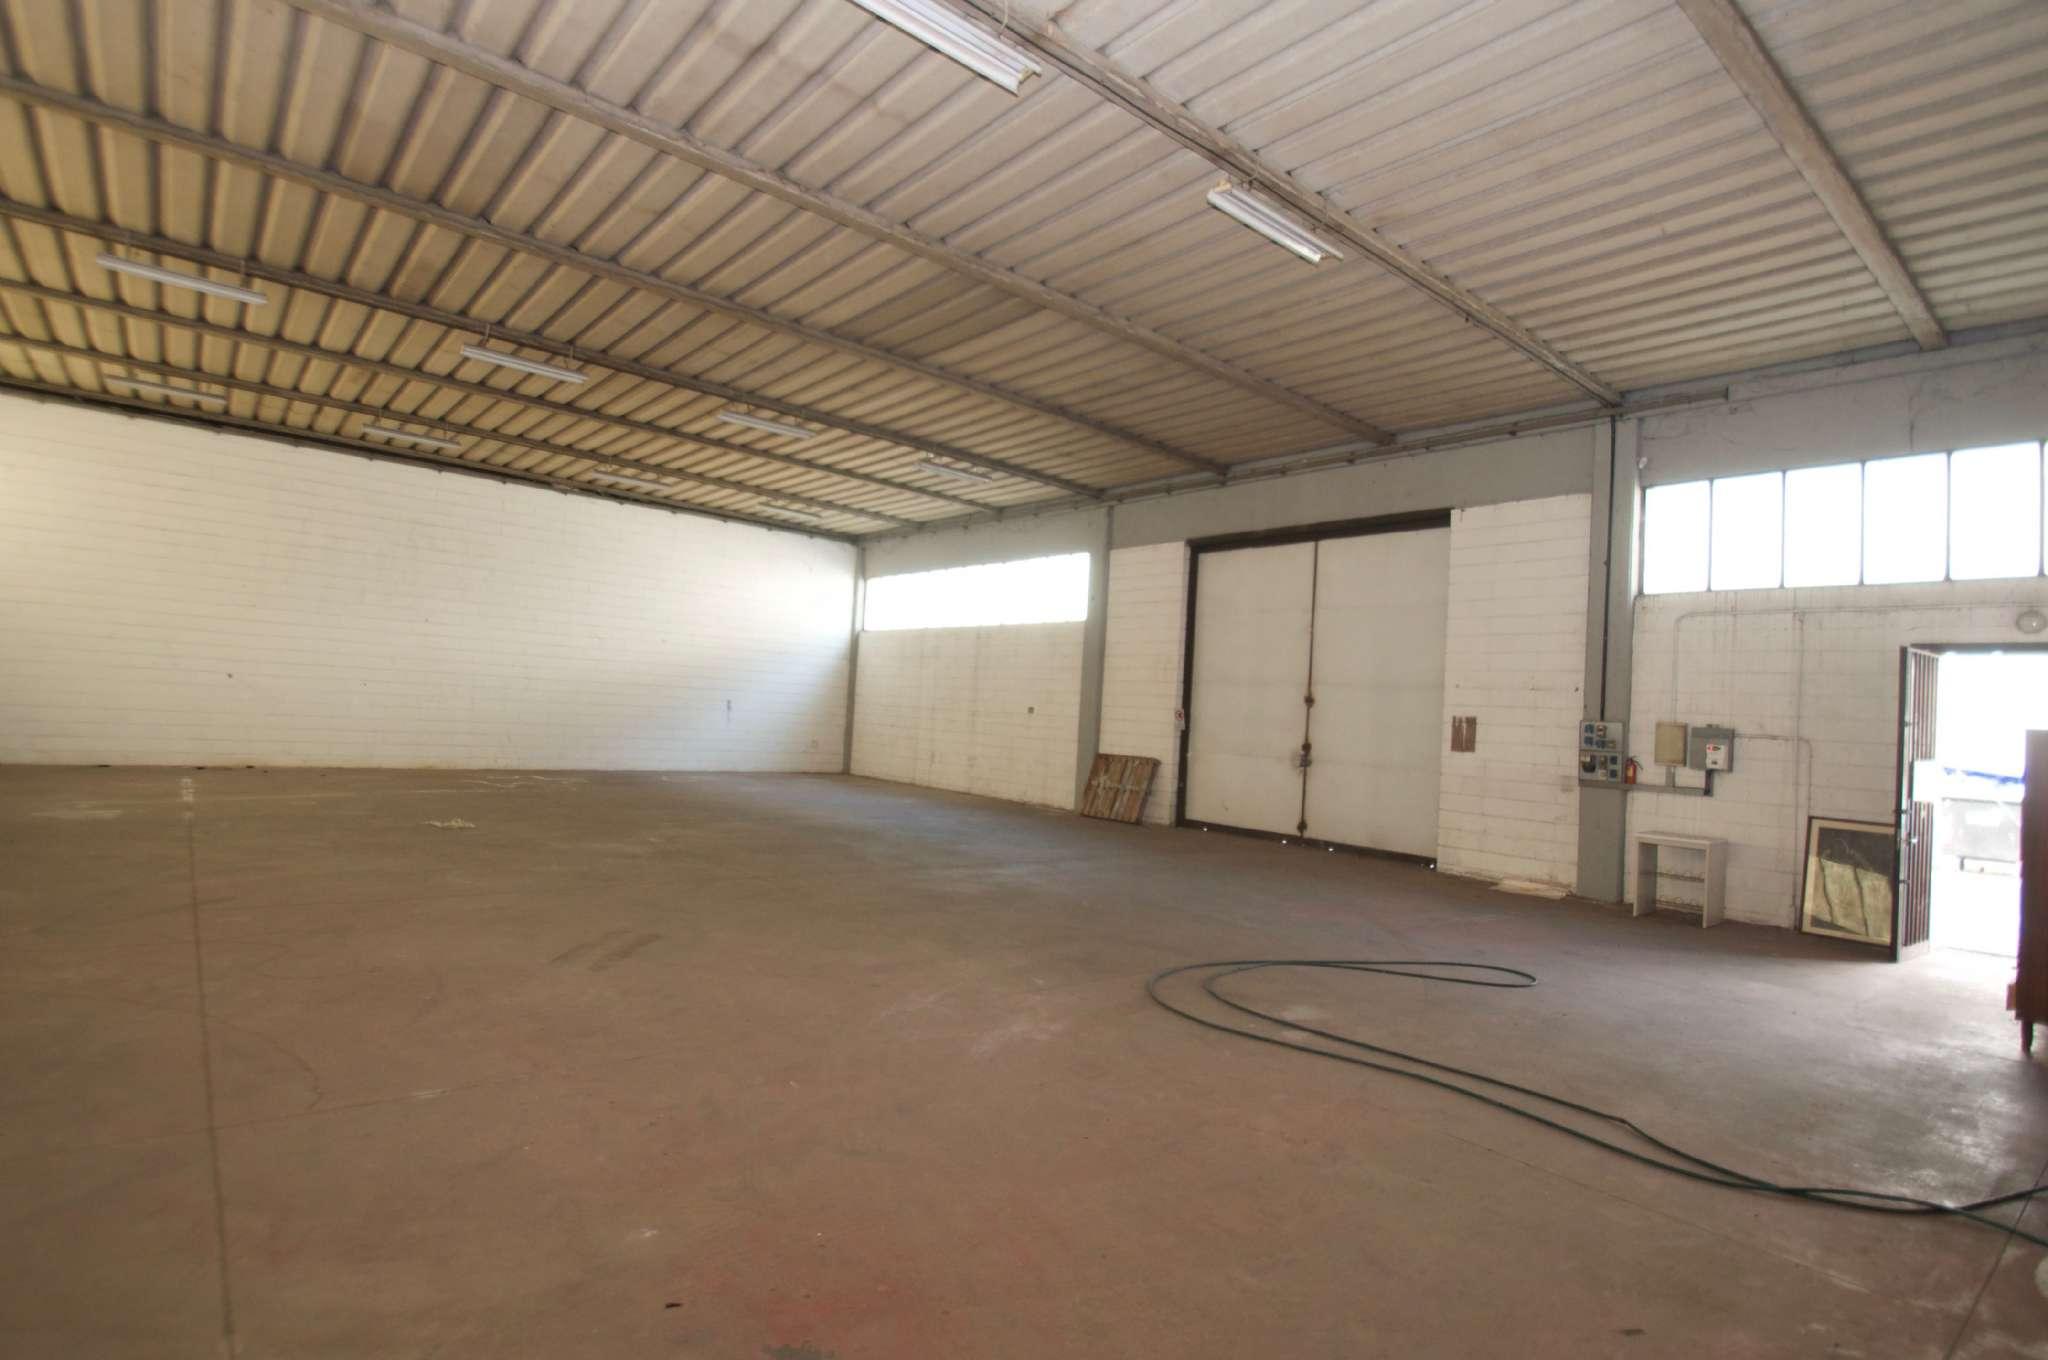 Capannone in vendita a Albignasego, 1 locali, prezzo € 220.000 | CambioCasa.it